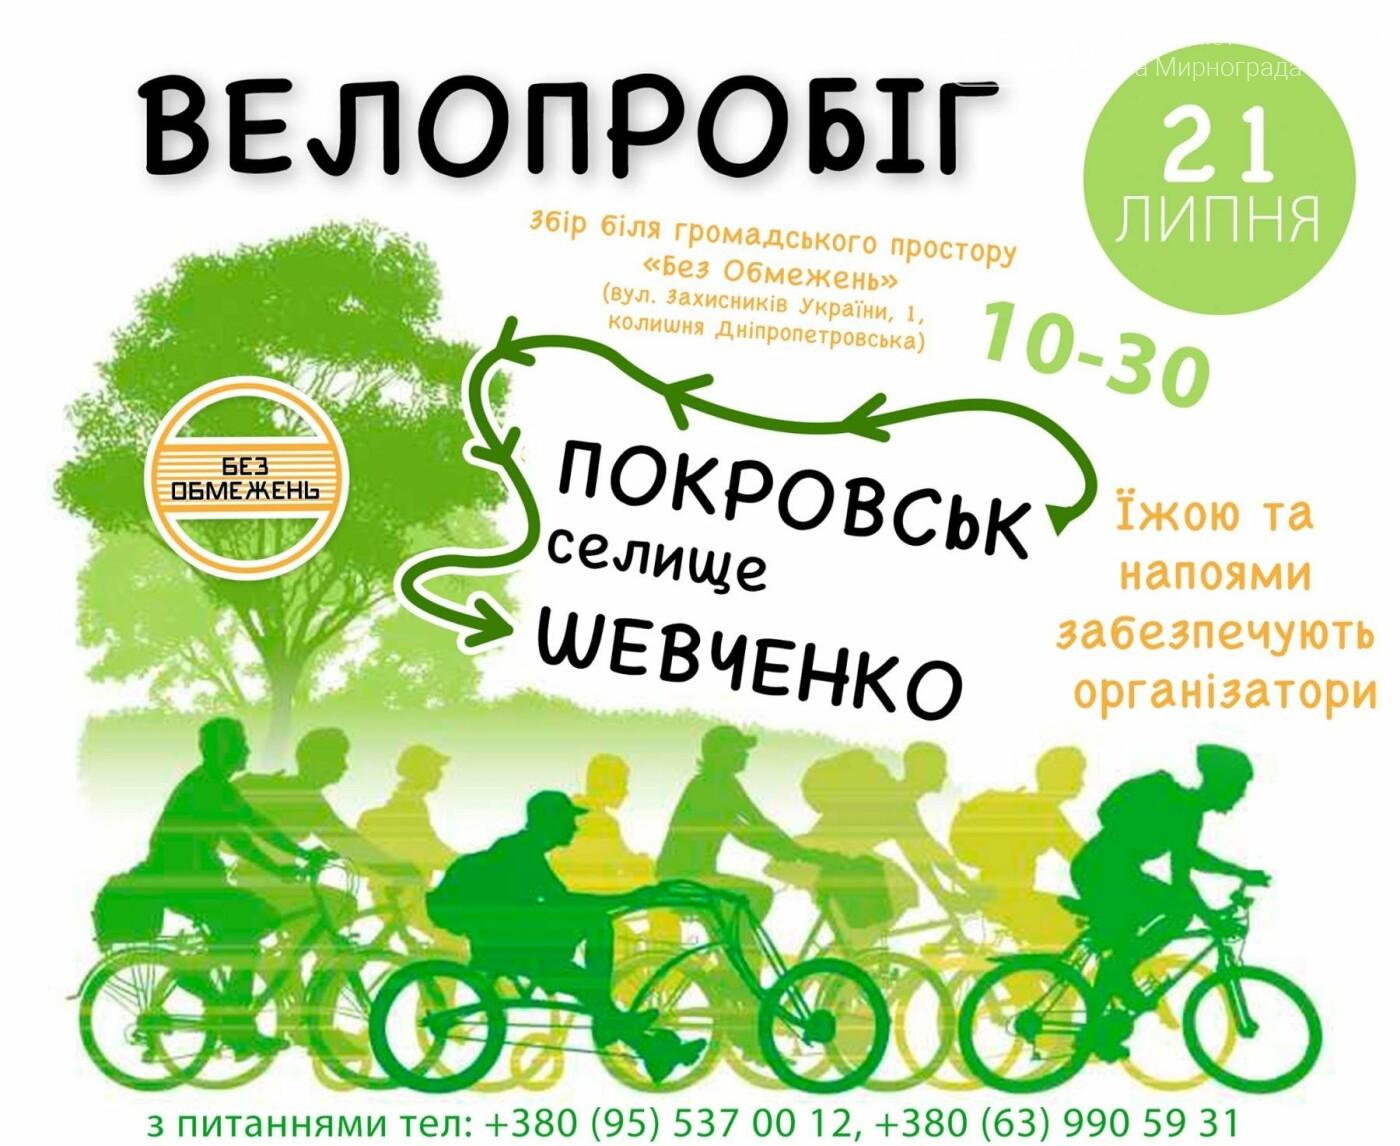 Жителей и гостей Покровска приглашают на велосипедные экскурсии , фото-1